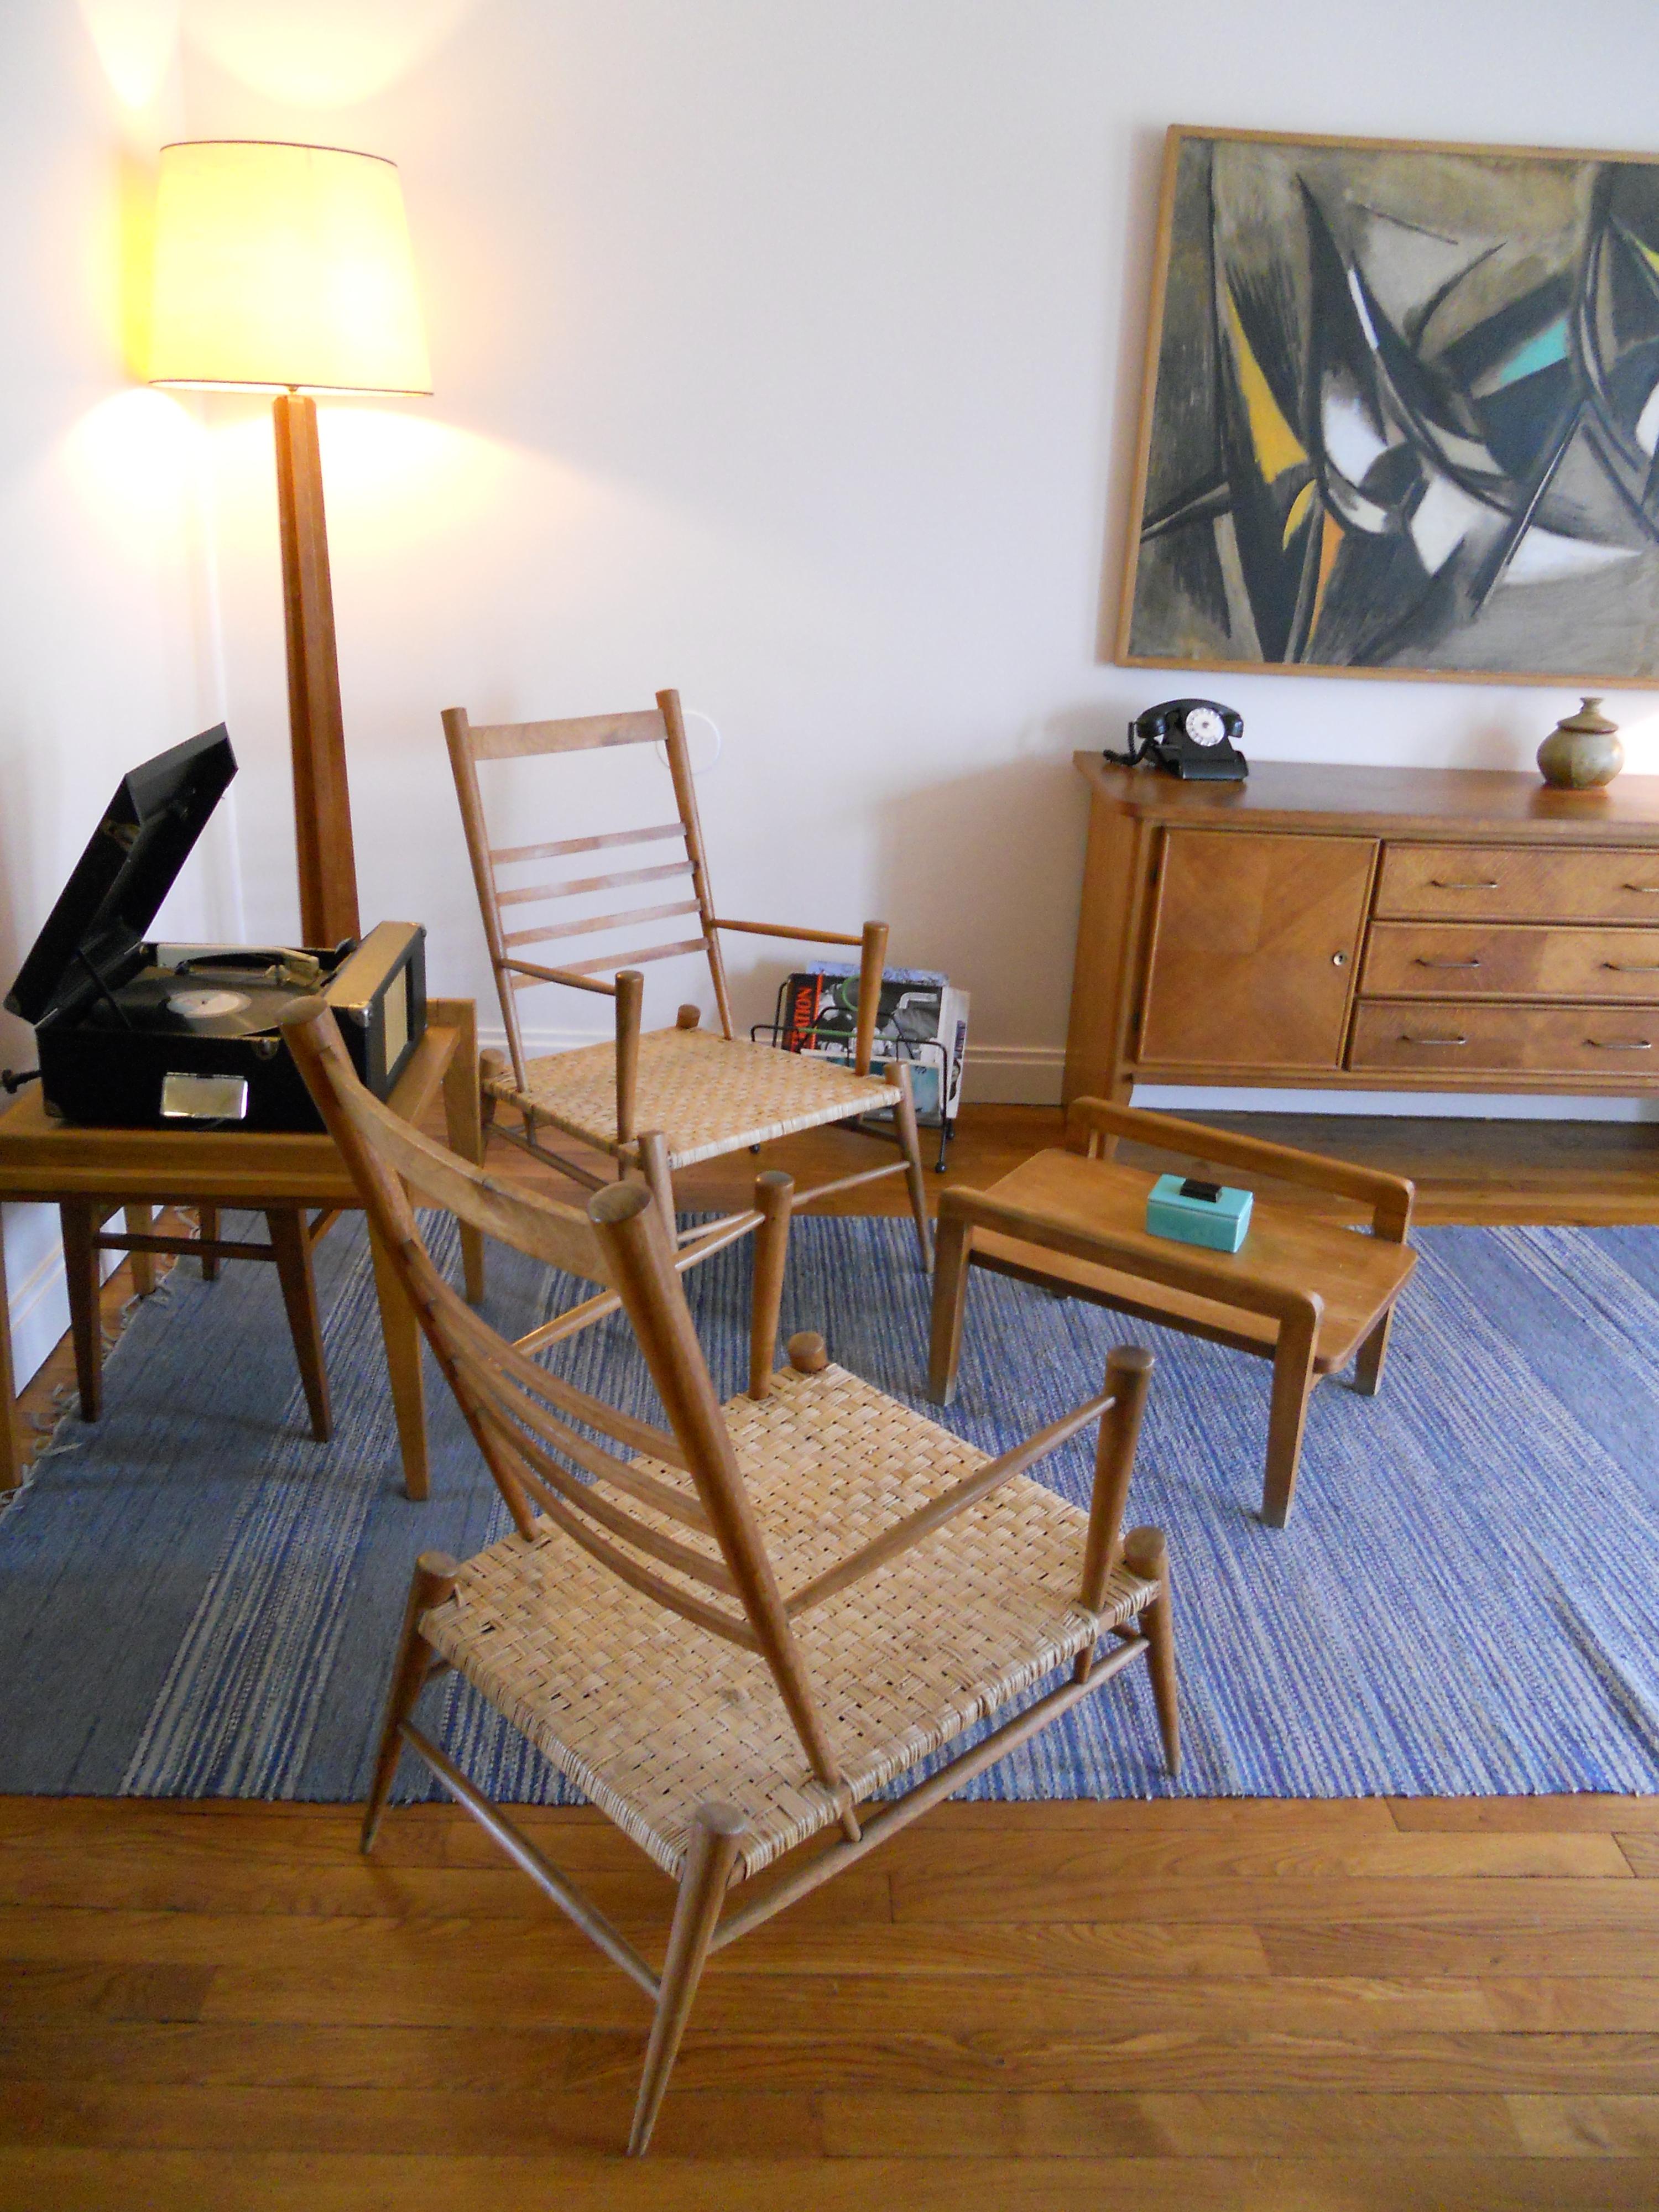 file salle de s jour de l 39 appartement t moin perret au. Black Bedroom Furniture Sets. Home Design Ideas